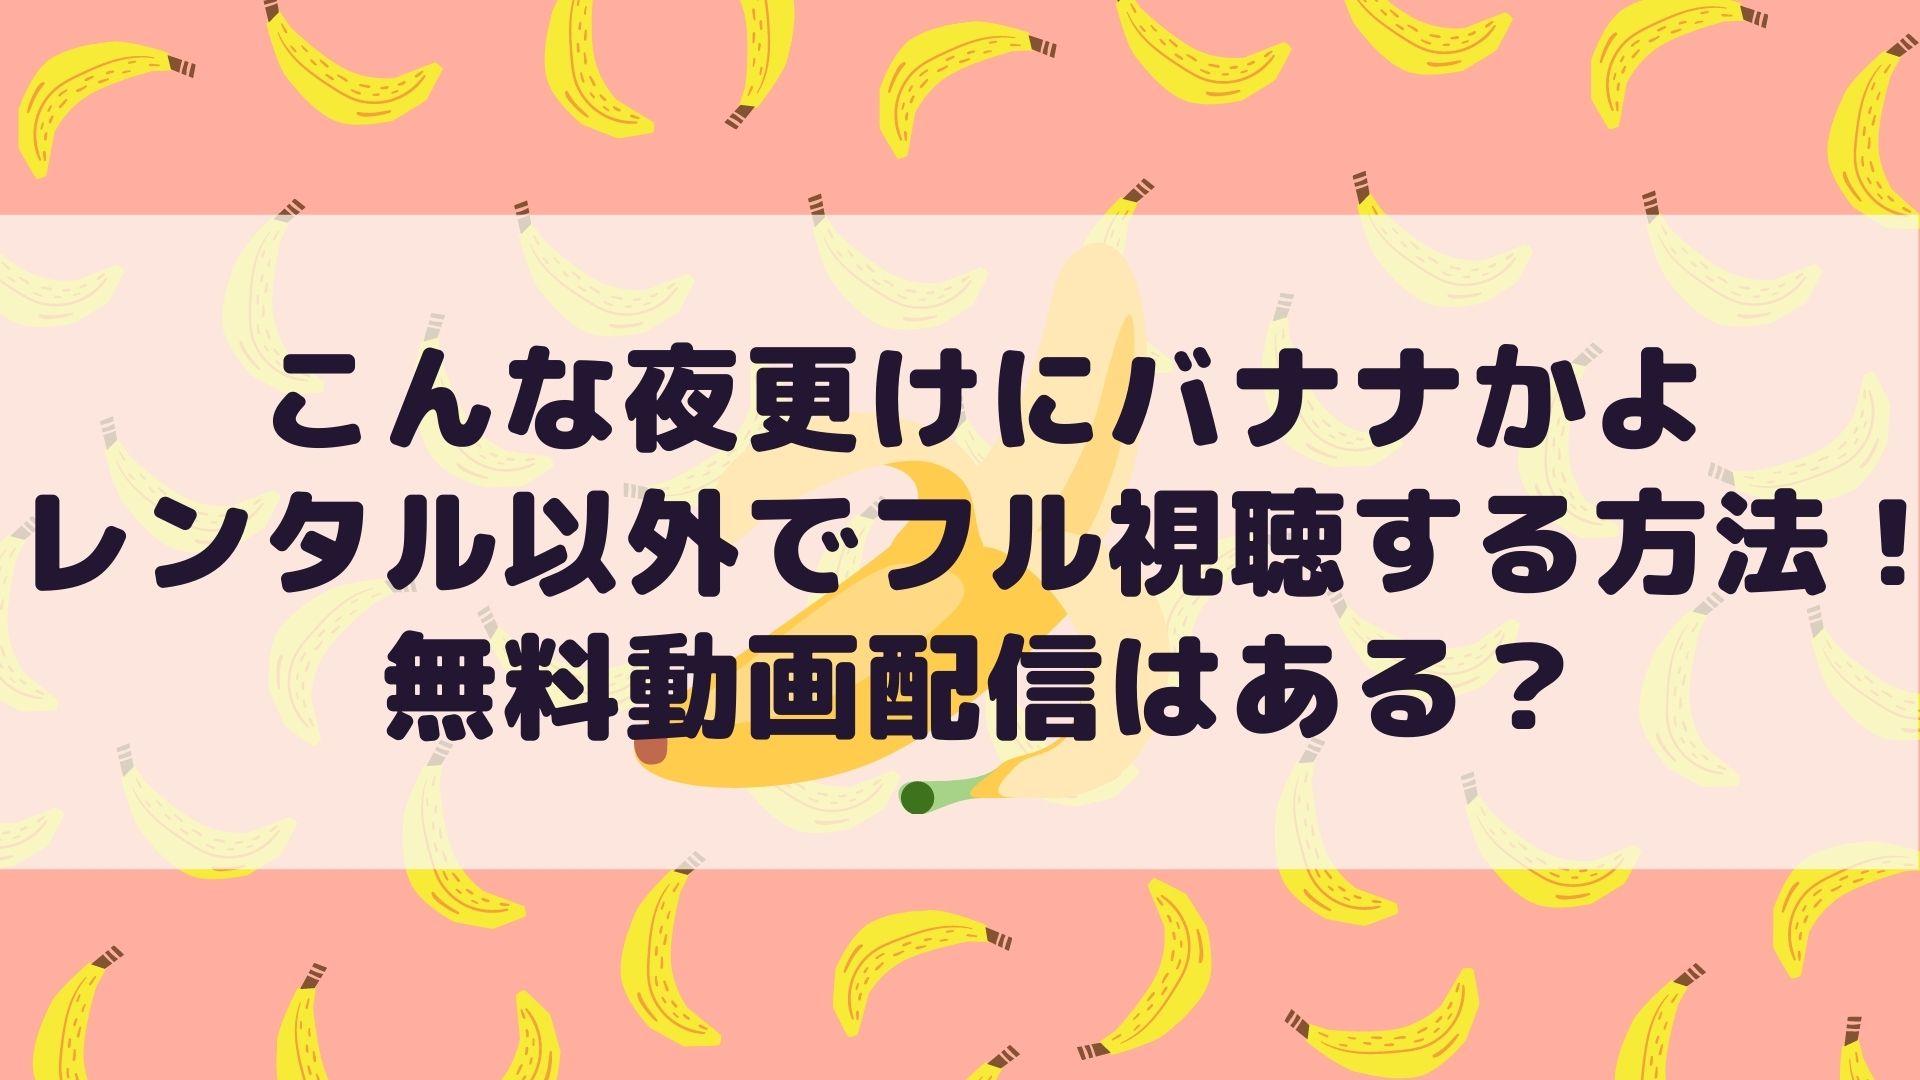 こんな夜更けにバナナかよをTSUTAYAレンタル以外でフル視聴する方法!無料動画配信はある?タイトル画像